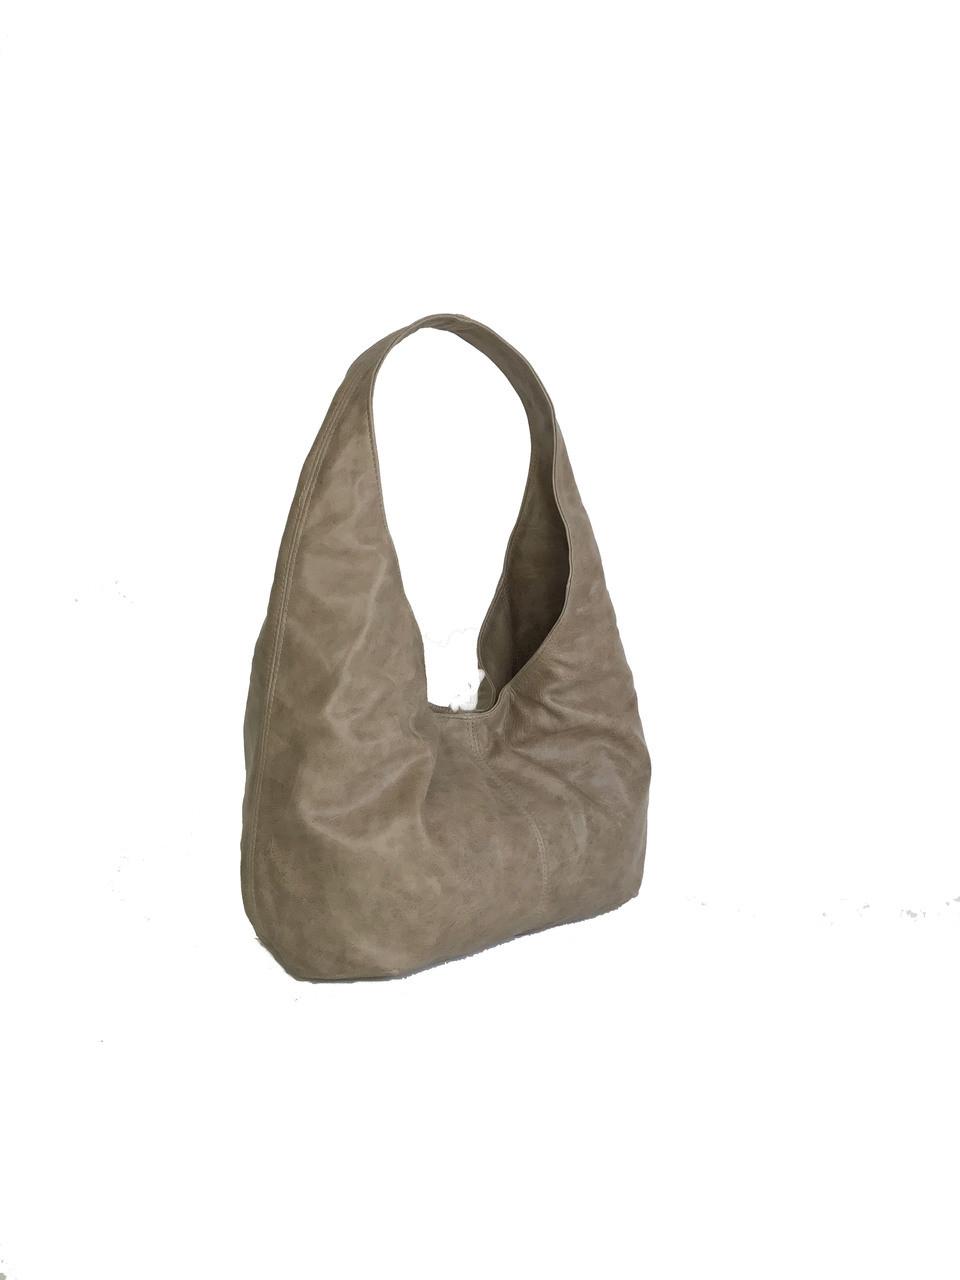 Distressed Leather Hobo Bag f05781599583e